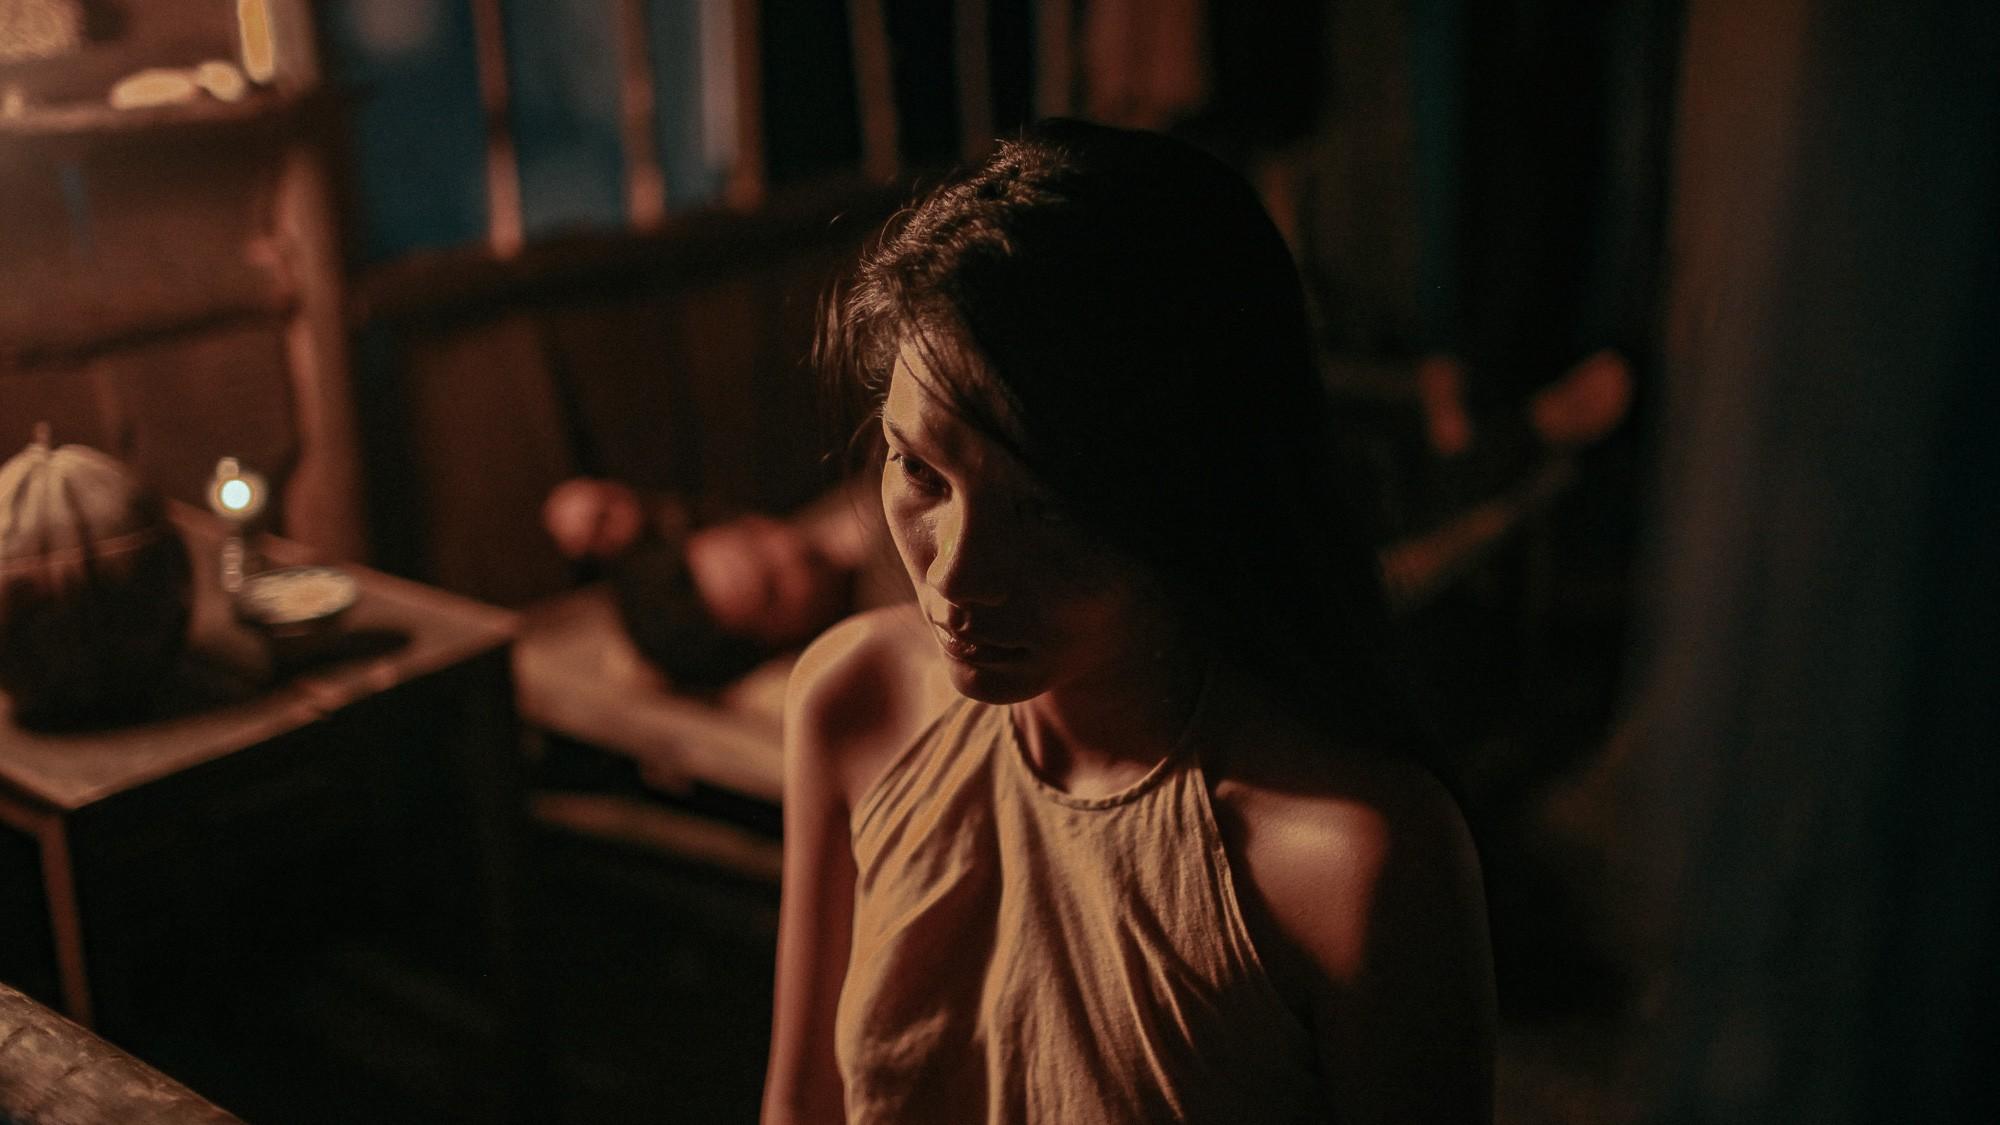 Jun Vũ không chỉ đẹp mà còn ma mị khi làm cô ca nương đoản mệnh trong Người Bất Tử - Ảnh 10.